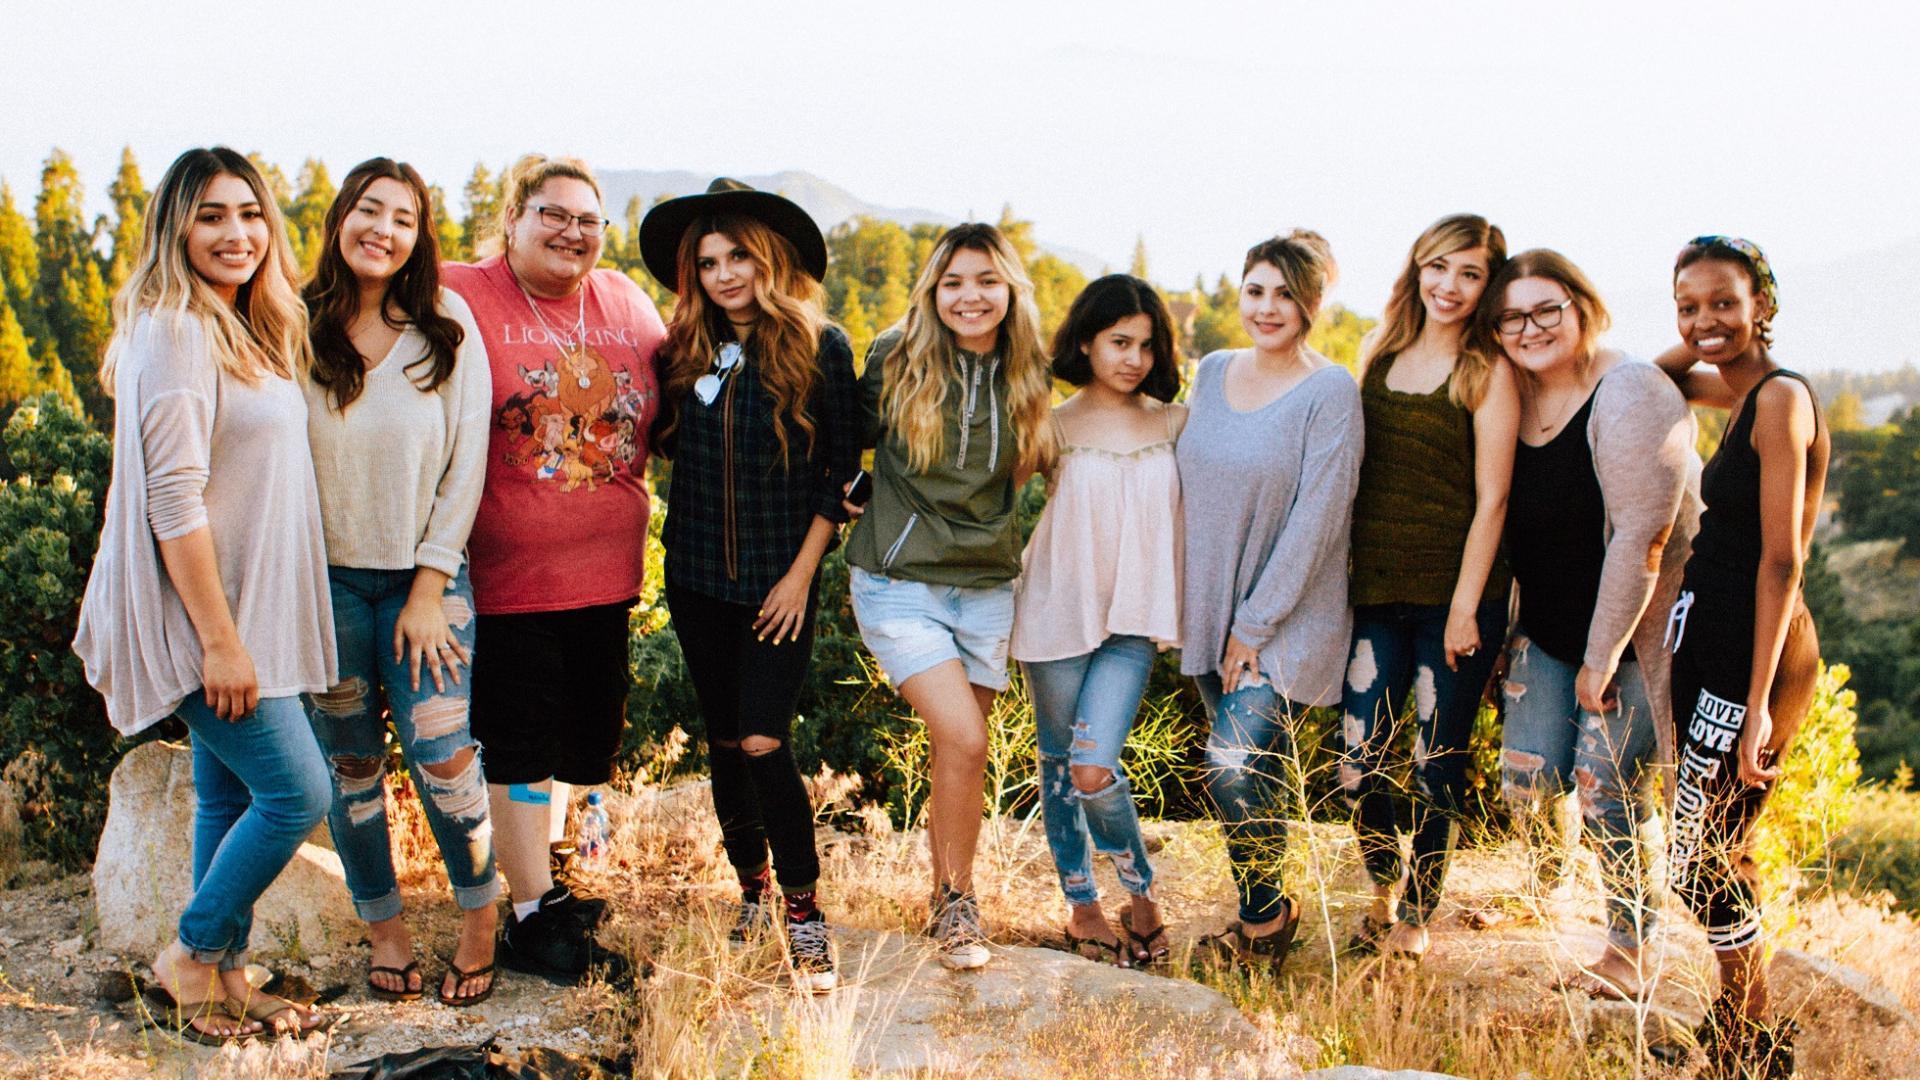 Lachende Frauen unterschiedlicher Herkunft und mit unterschiedlichen Kröperformen auf einer Wiese